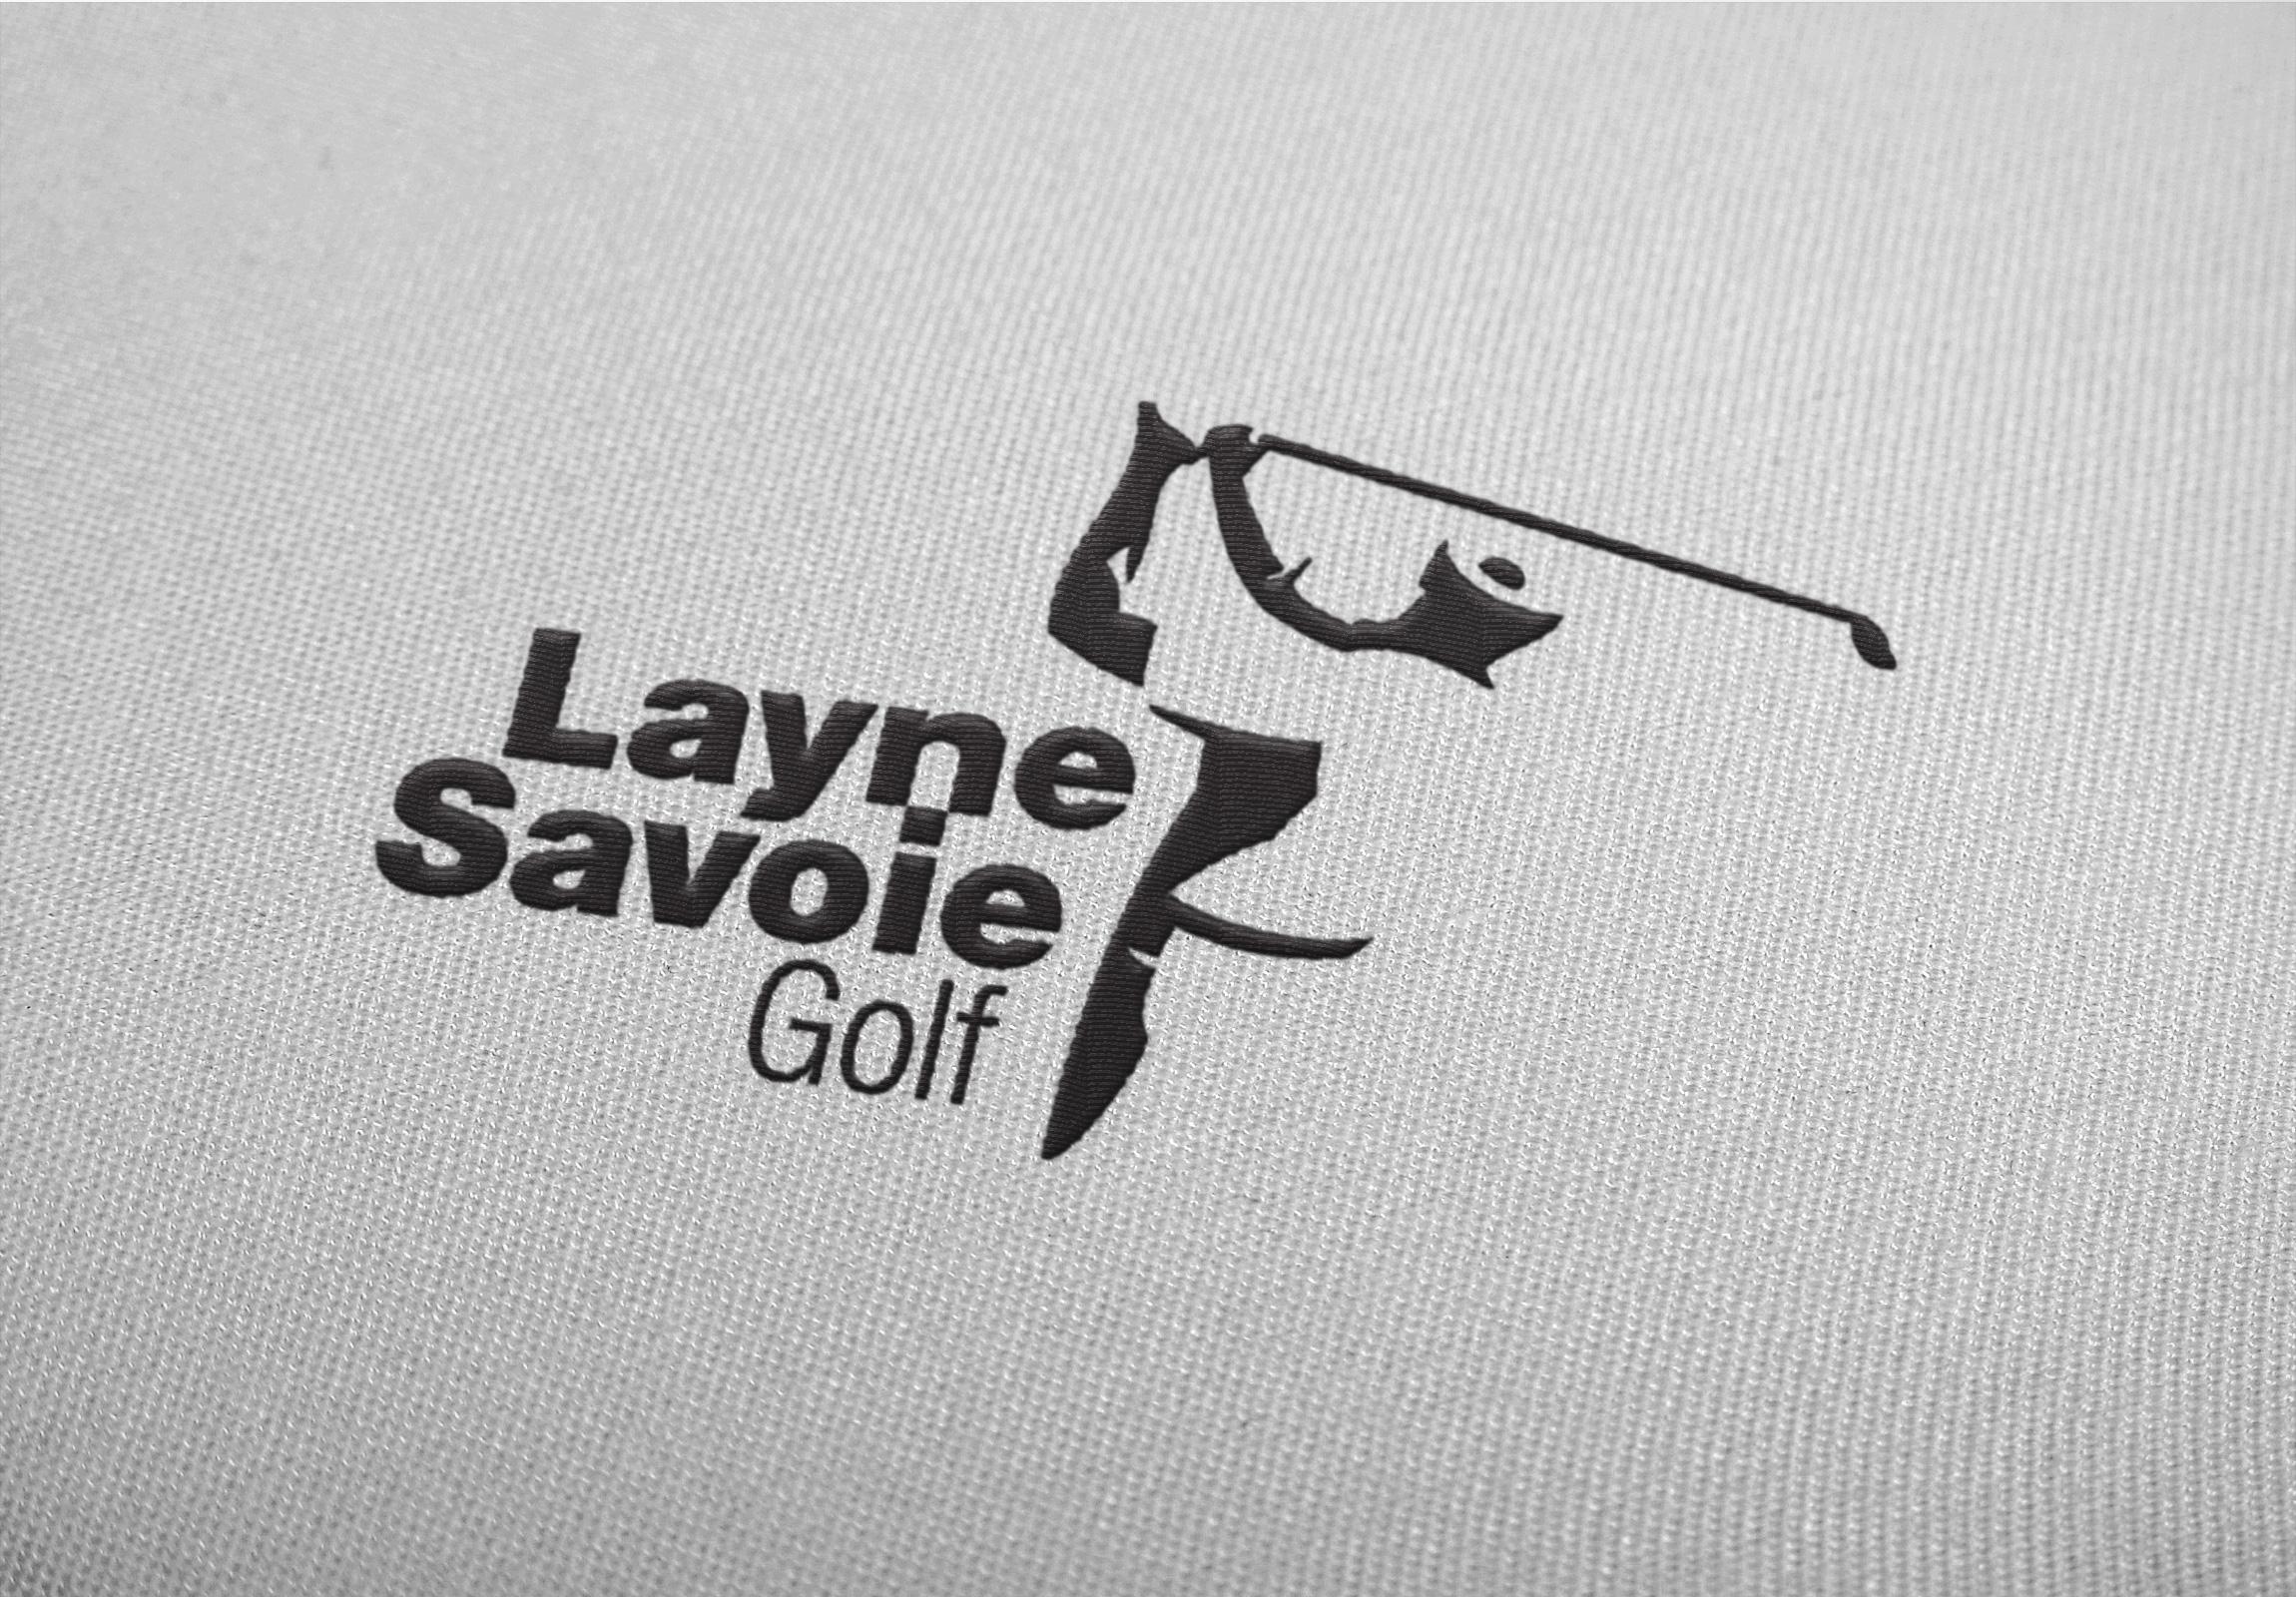 Layne Savoie Golf logo embroidered.